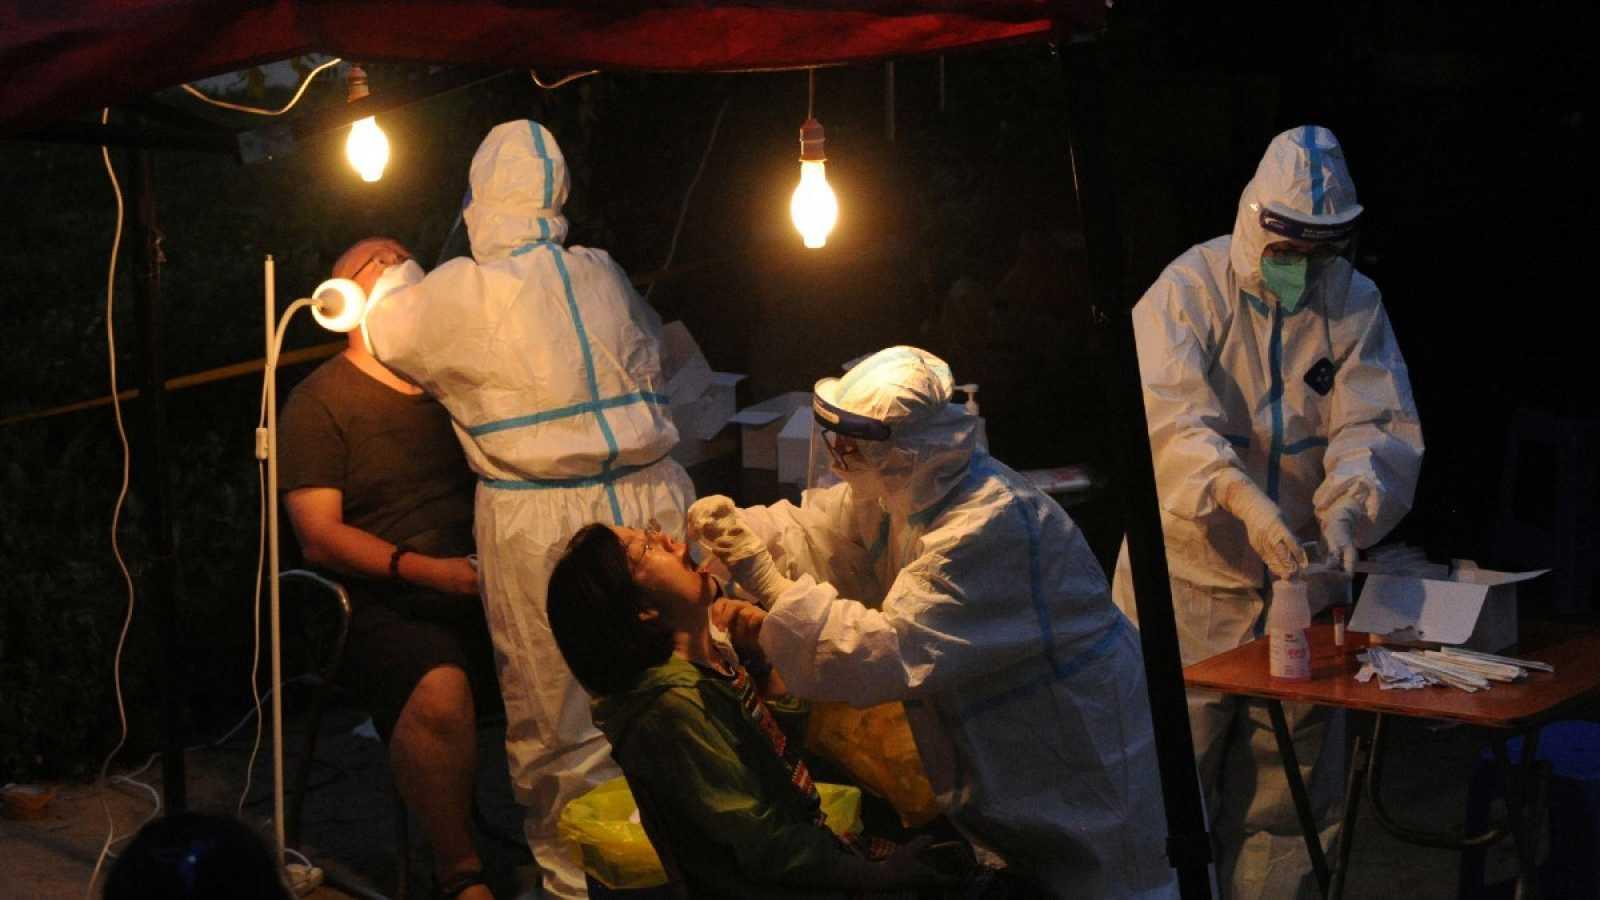 Sanitarios con trajes de protección realizan pruebas del coronavirus en Dalian, en la provincia de Liaoning, China, esta semana.